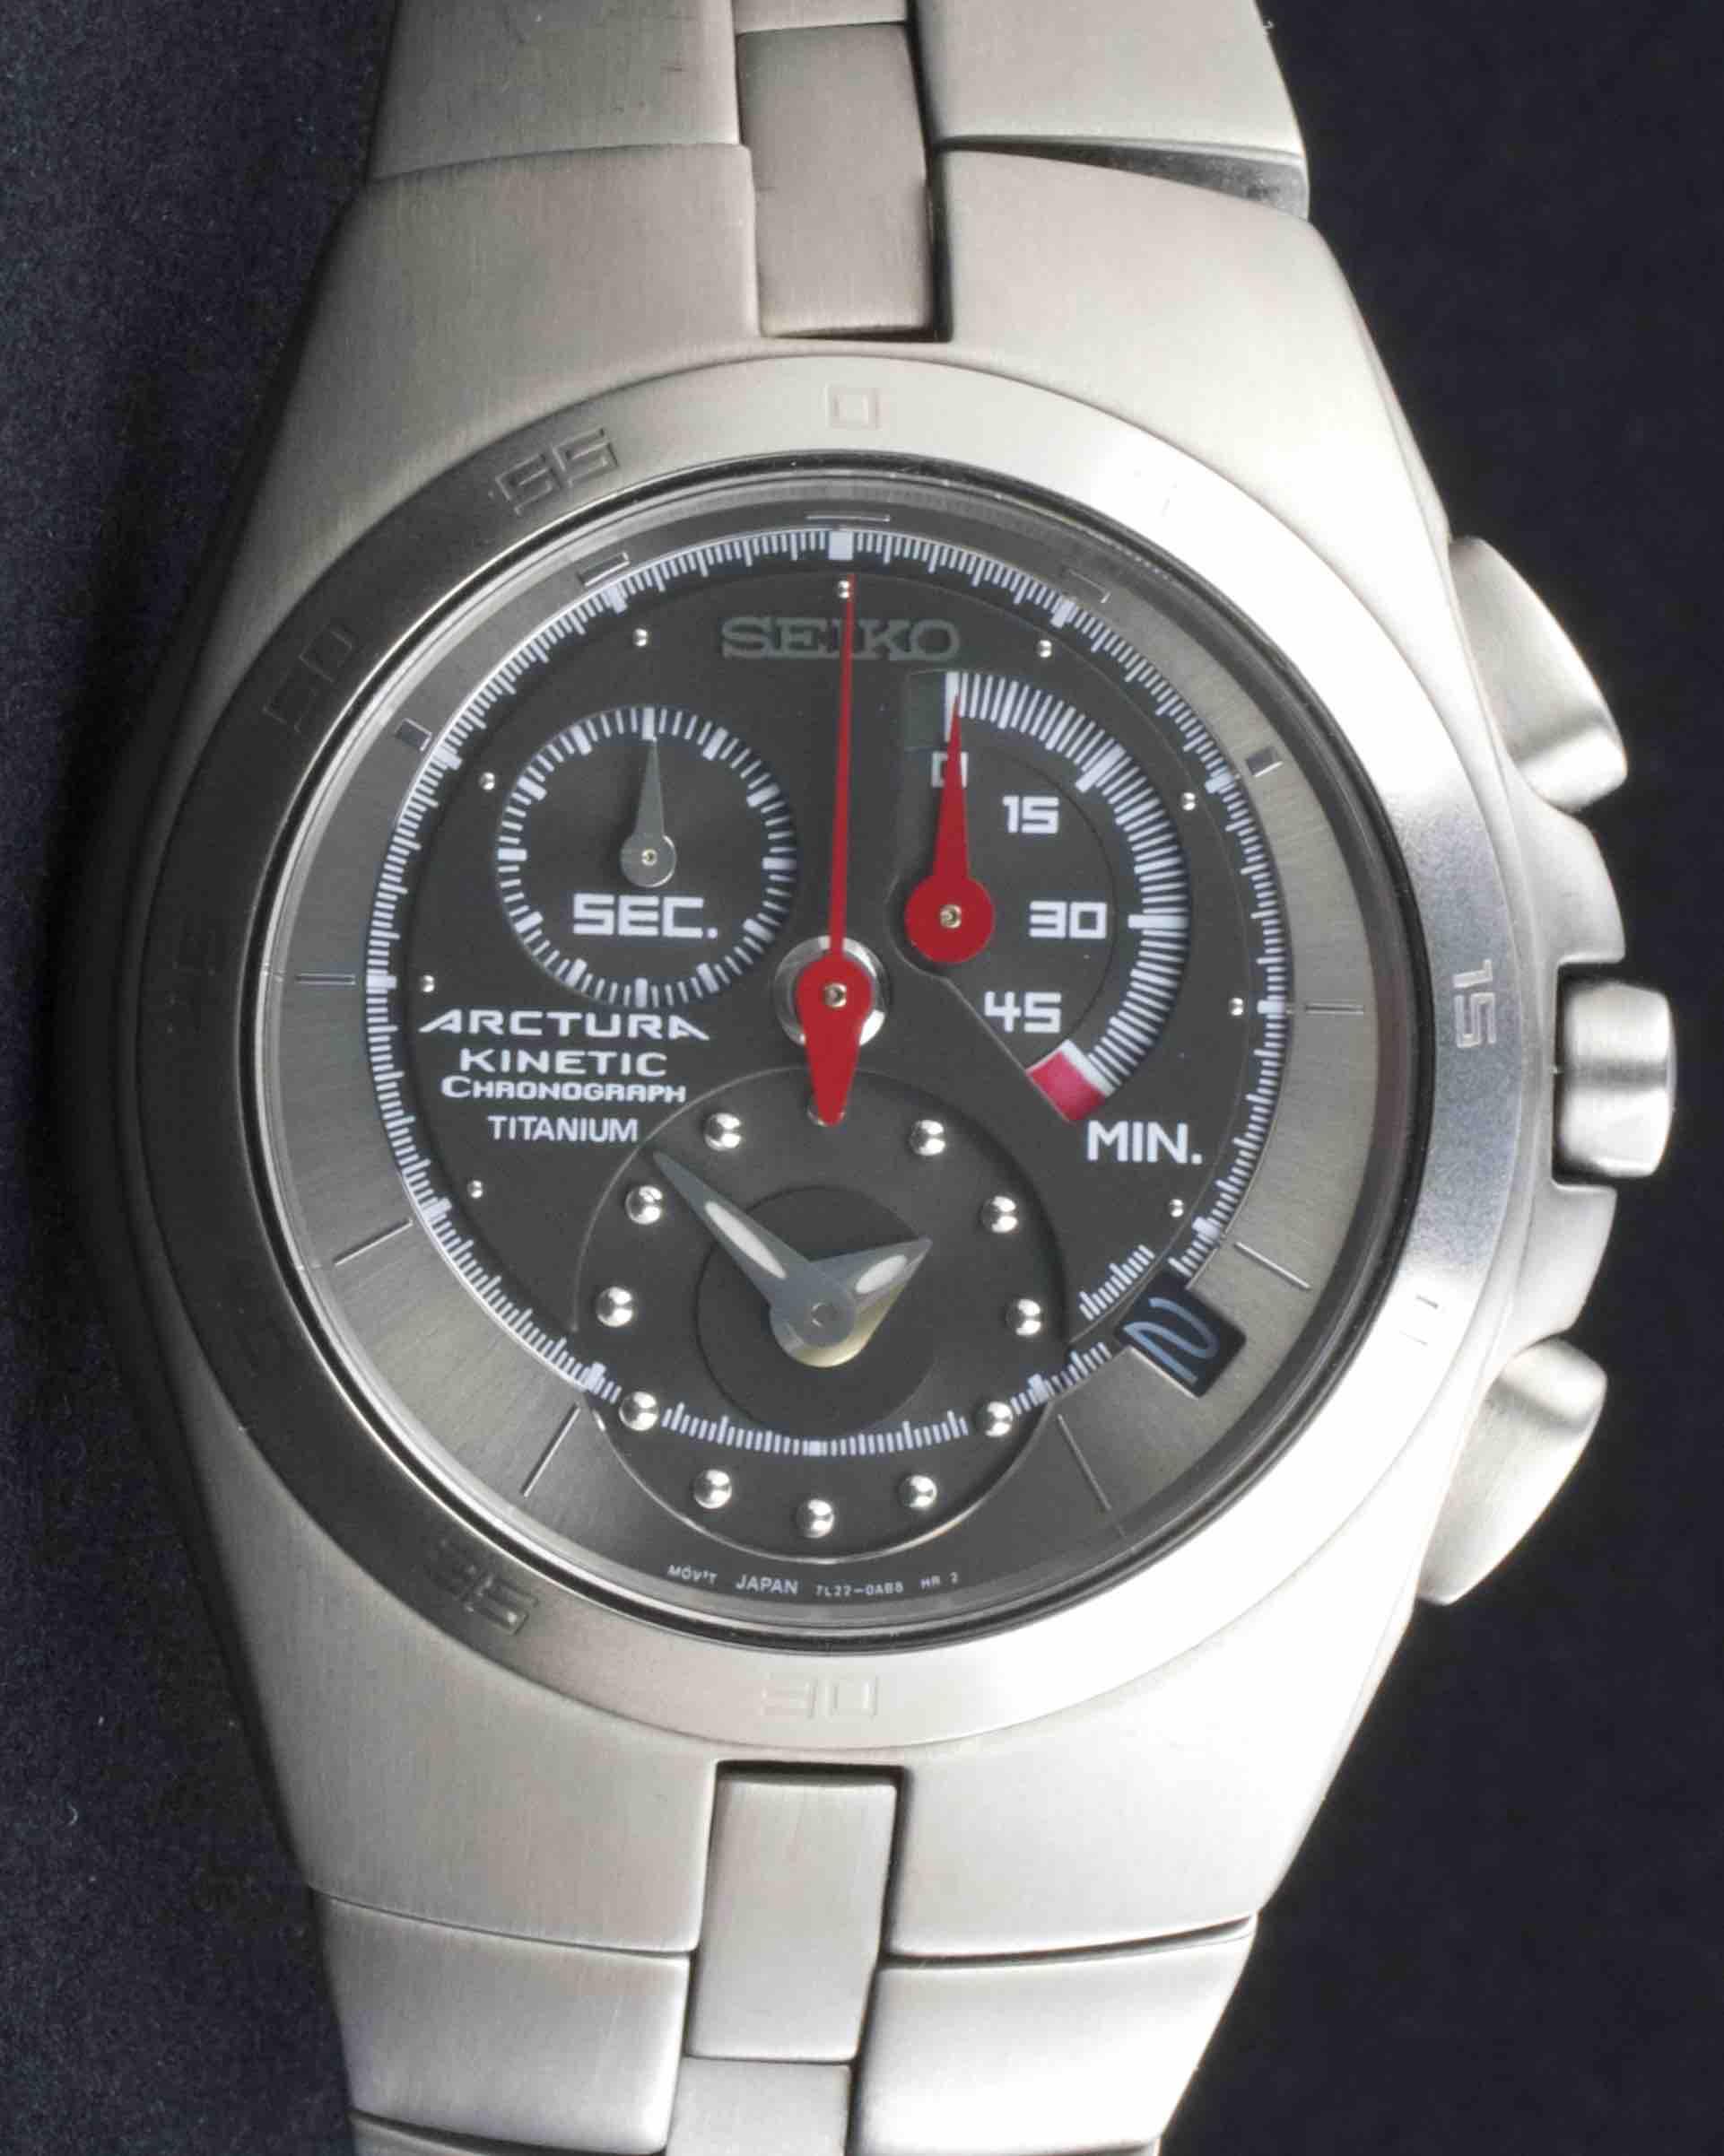 seiko kinetic a la clinique horlog re r paration et vente de montres porrentruy jura suisse. Black Bedroom Furniture Sets. Home Design Ideas